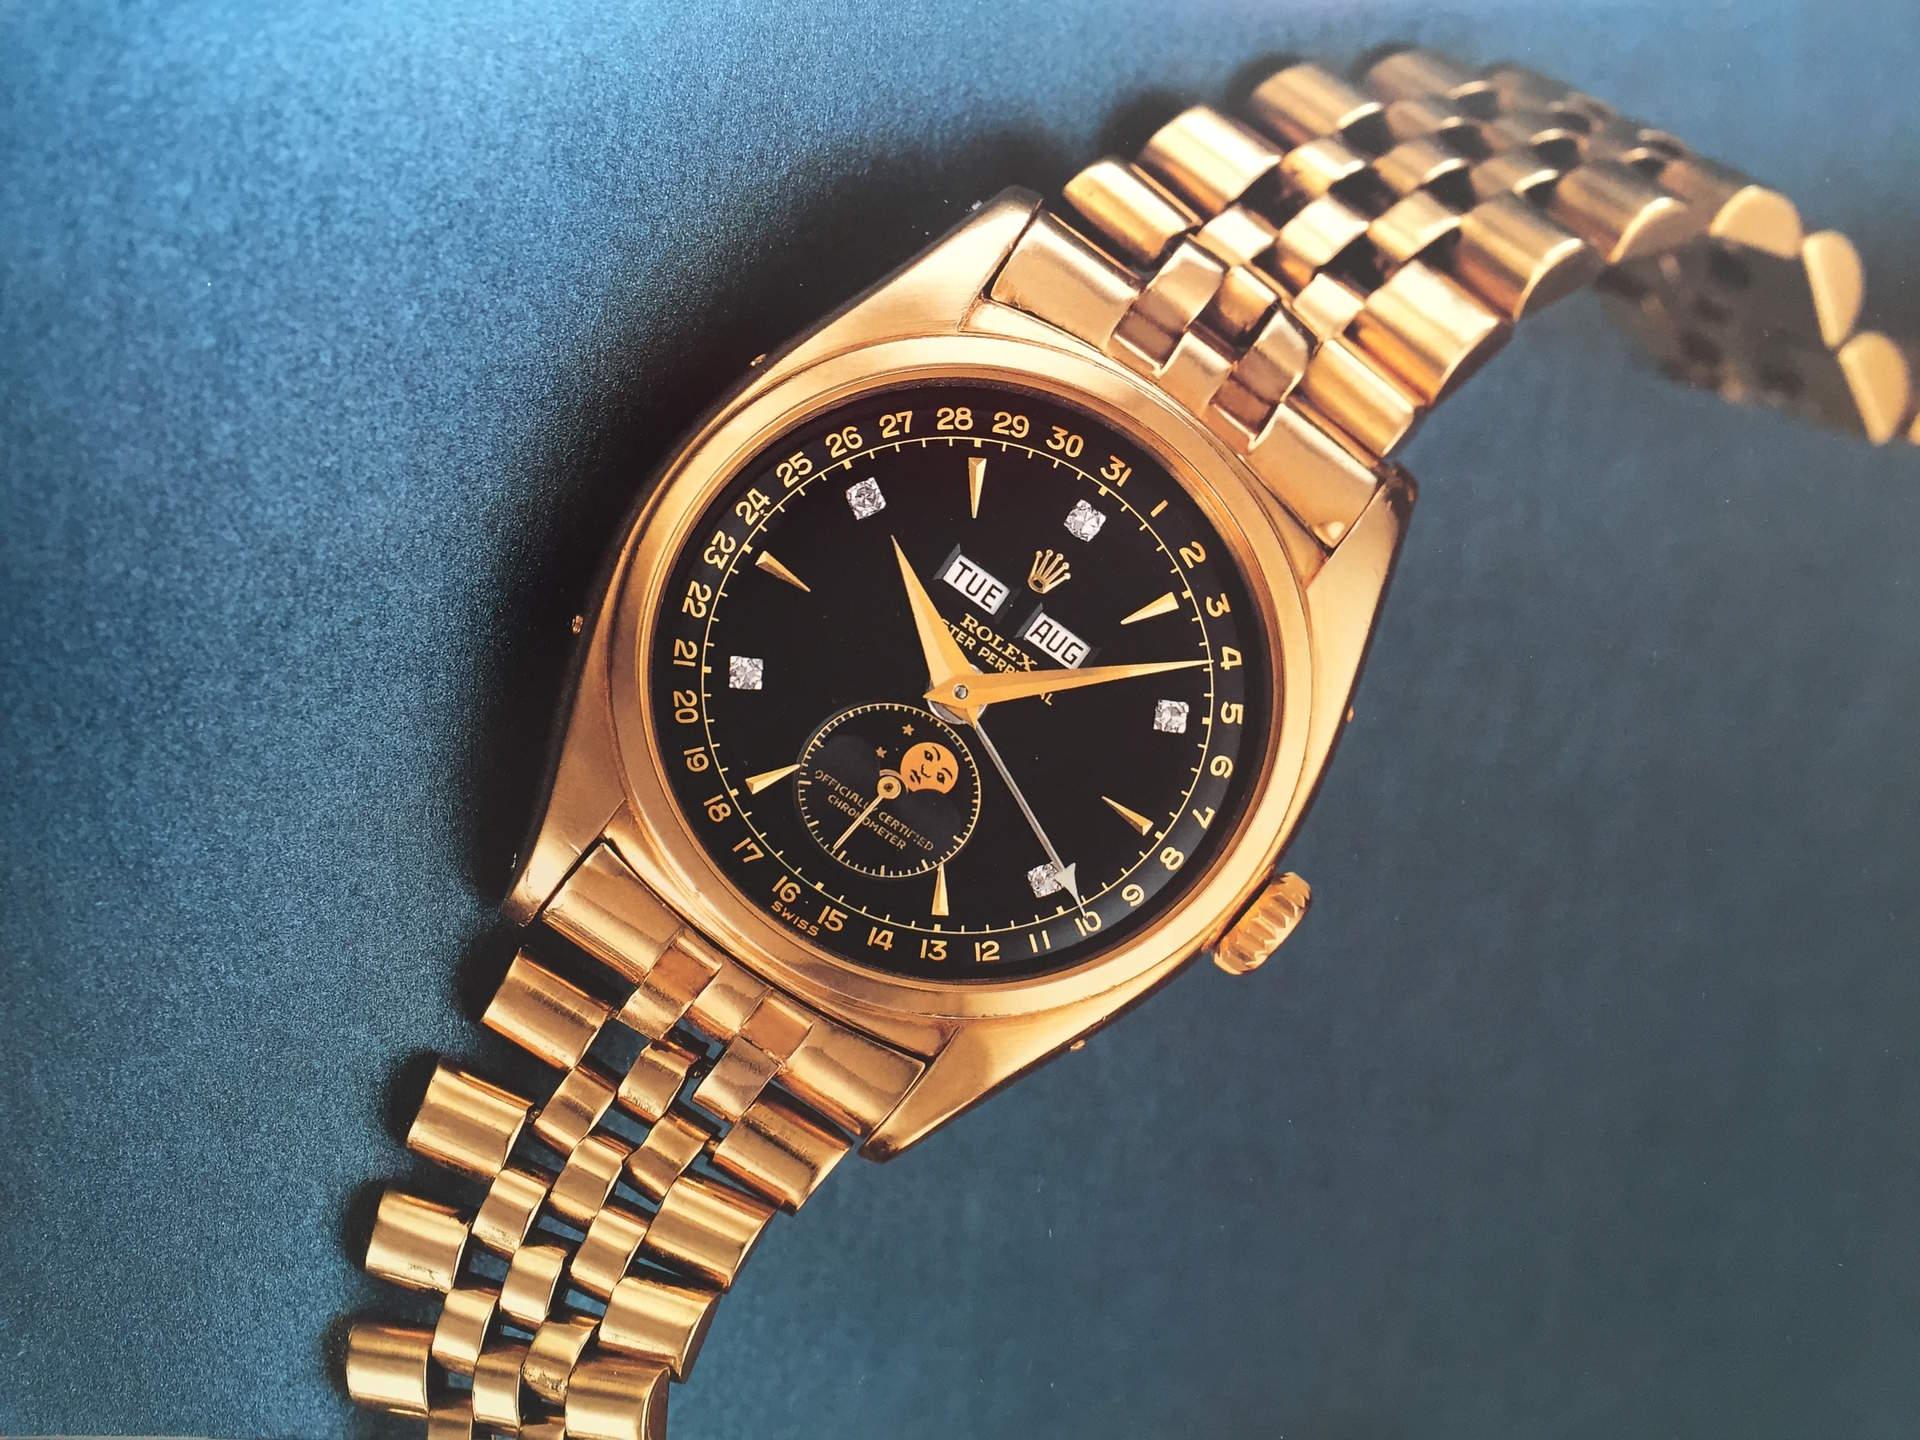 שעוני רולקס לגברים - שעון באו דאי